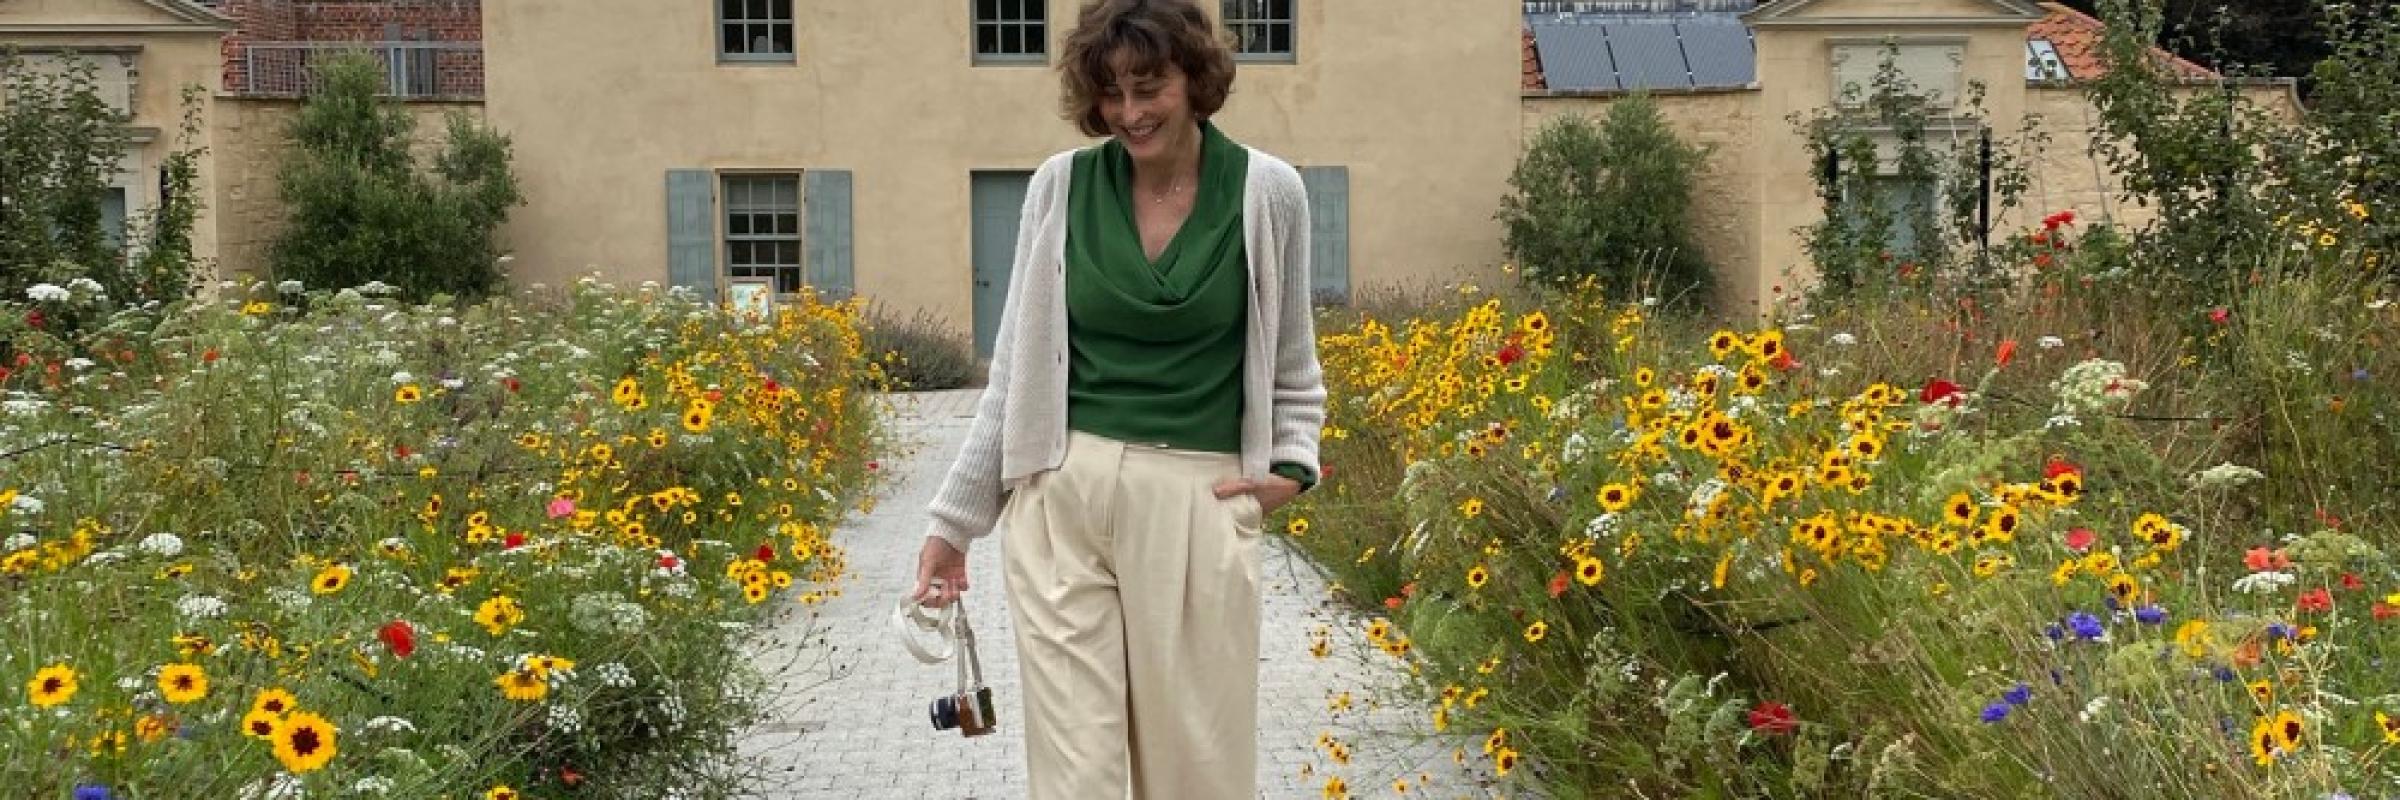 Blooming Niki Slider 20203